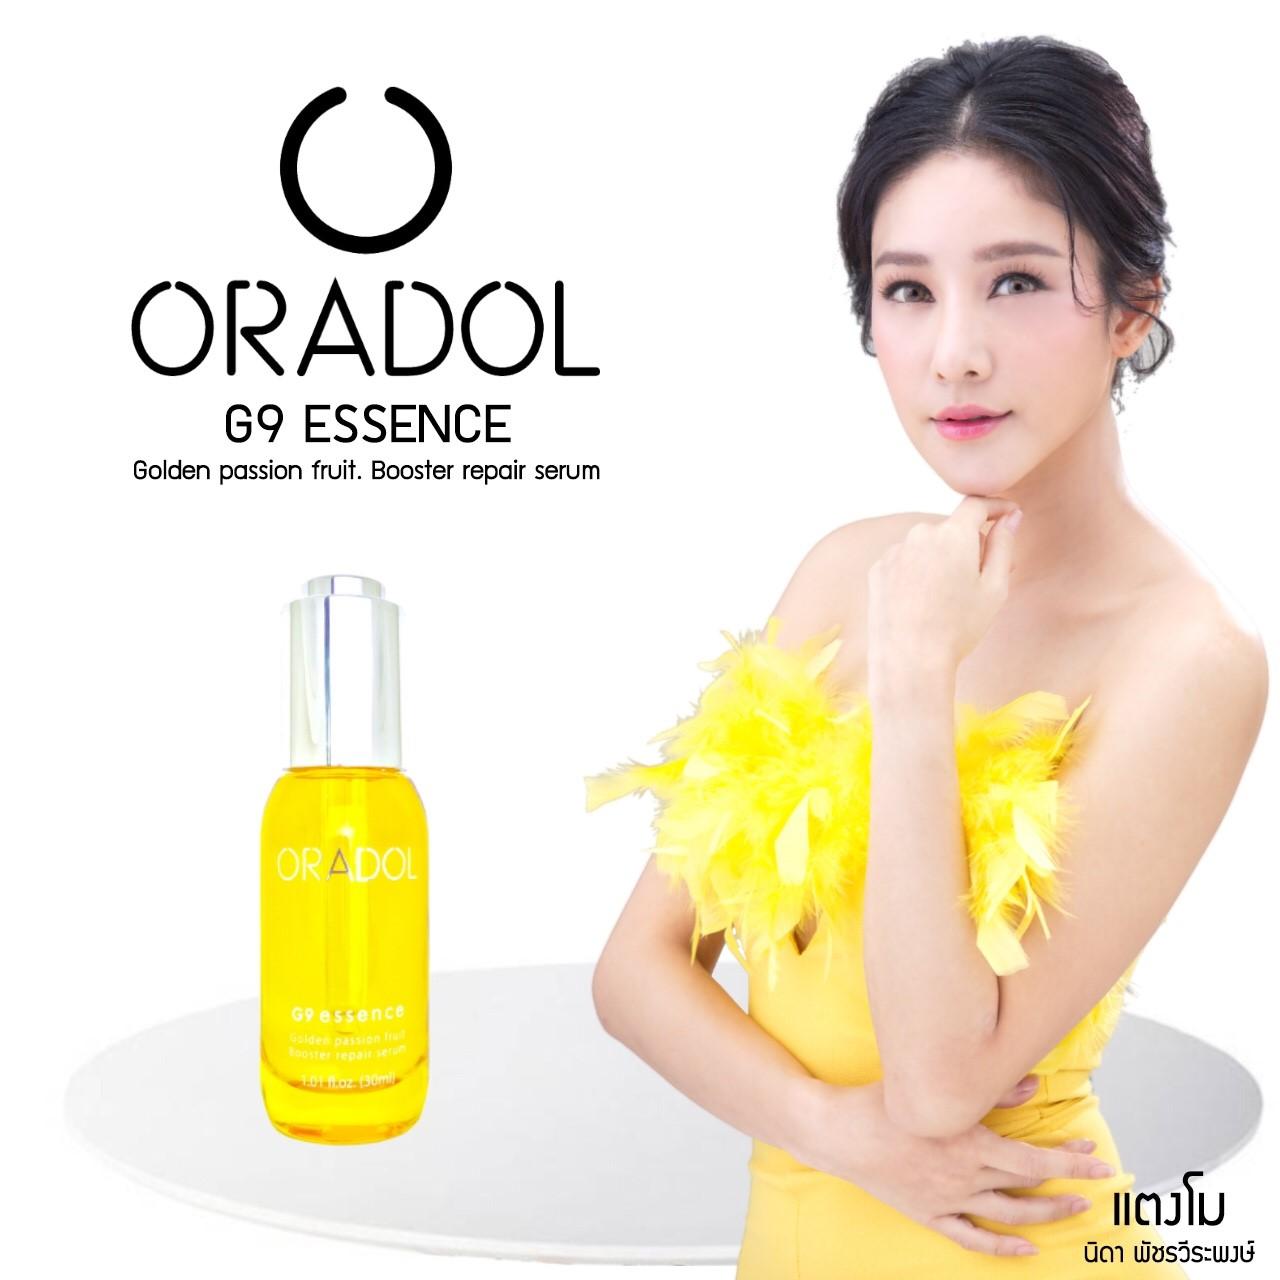 🍋 Oradol Serum 🍋 G9 Essece Booster Repair Serum 🍋 เซรั่มเสาวรสสีทอง 🍋 นำเข้าจากฝรั่งเศส ลิขสิทธิ์หนึ่งเดียวในไทย ขนาด 30 ml